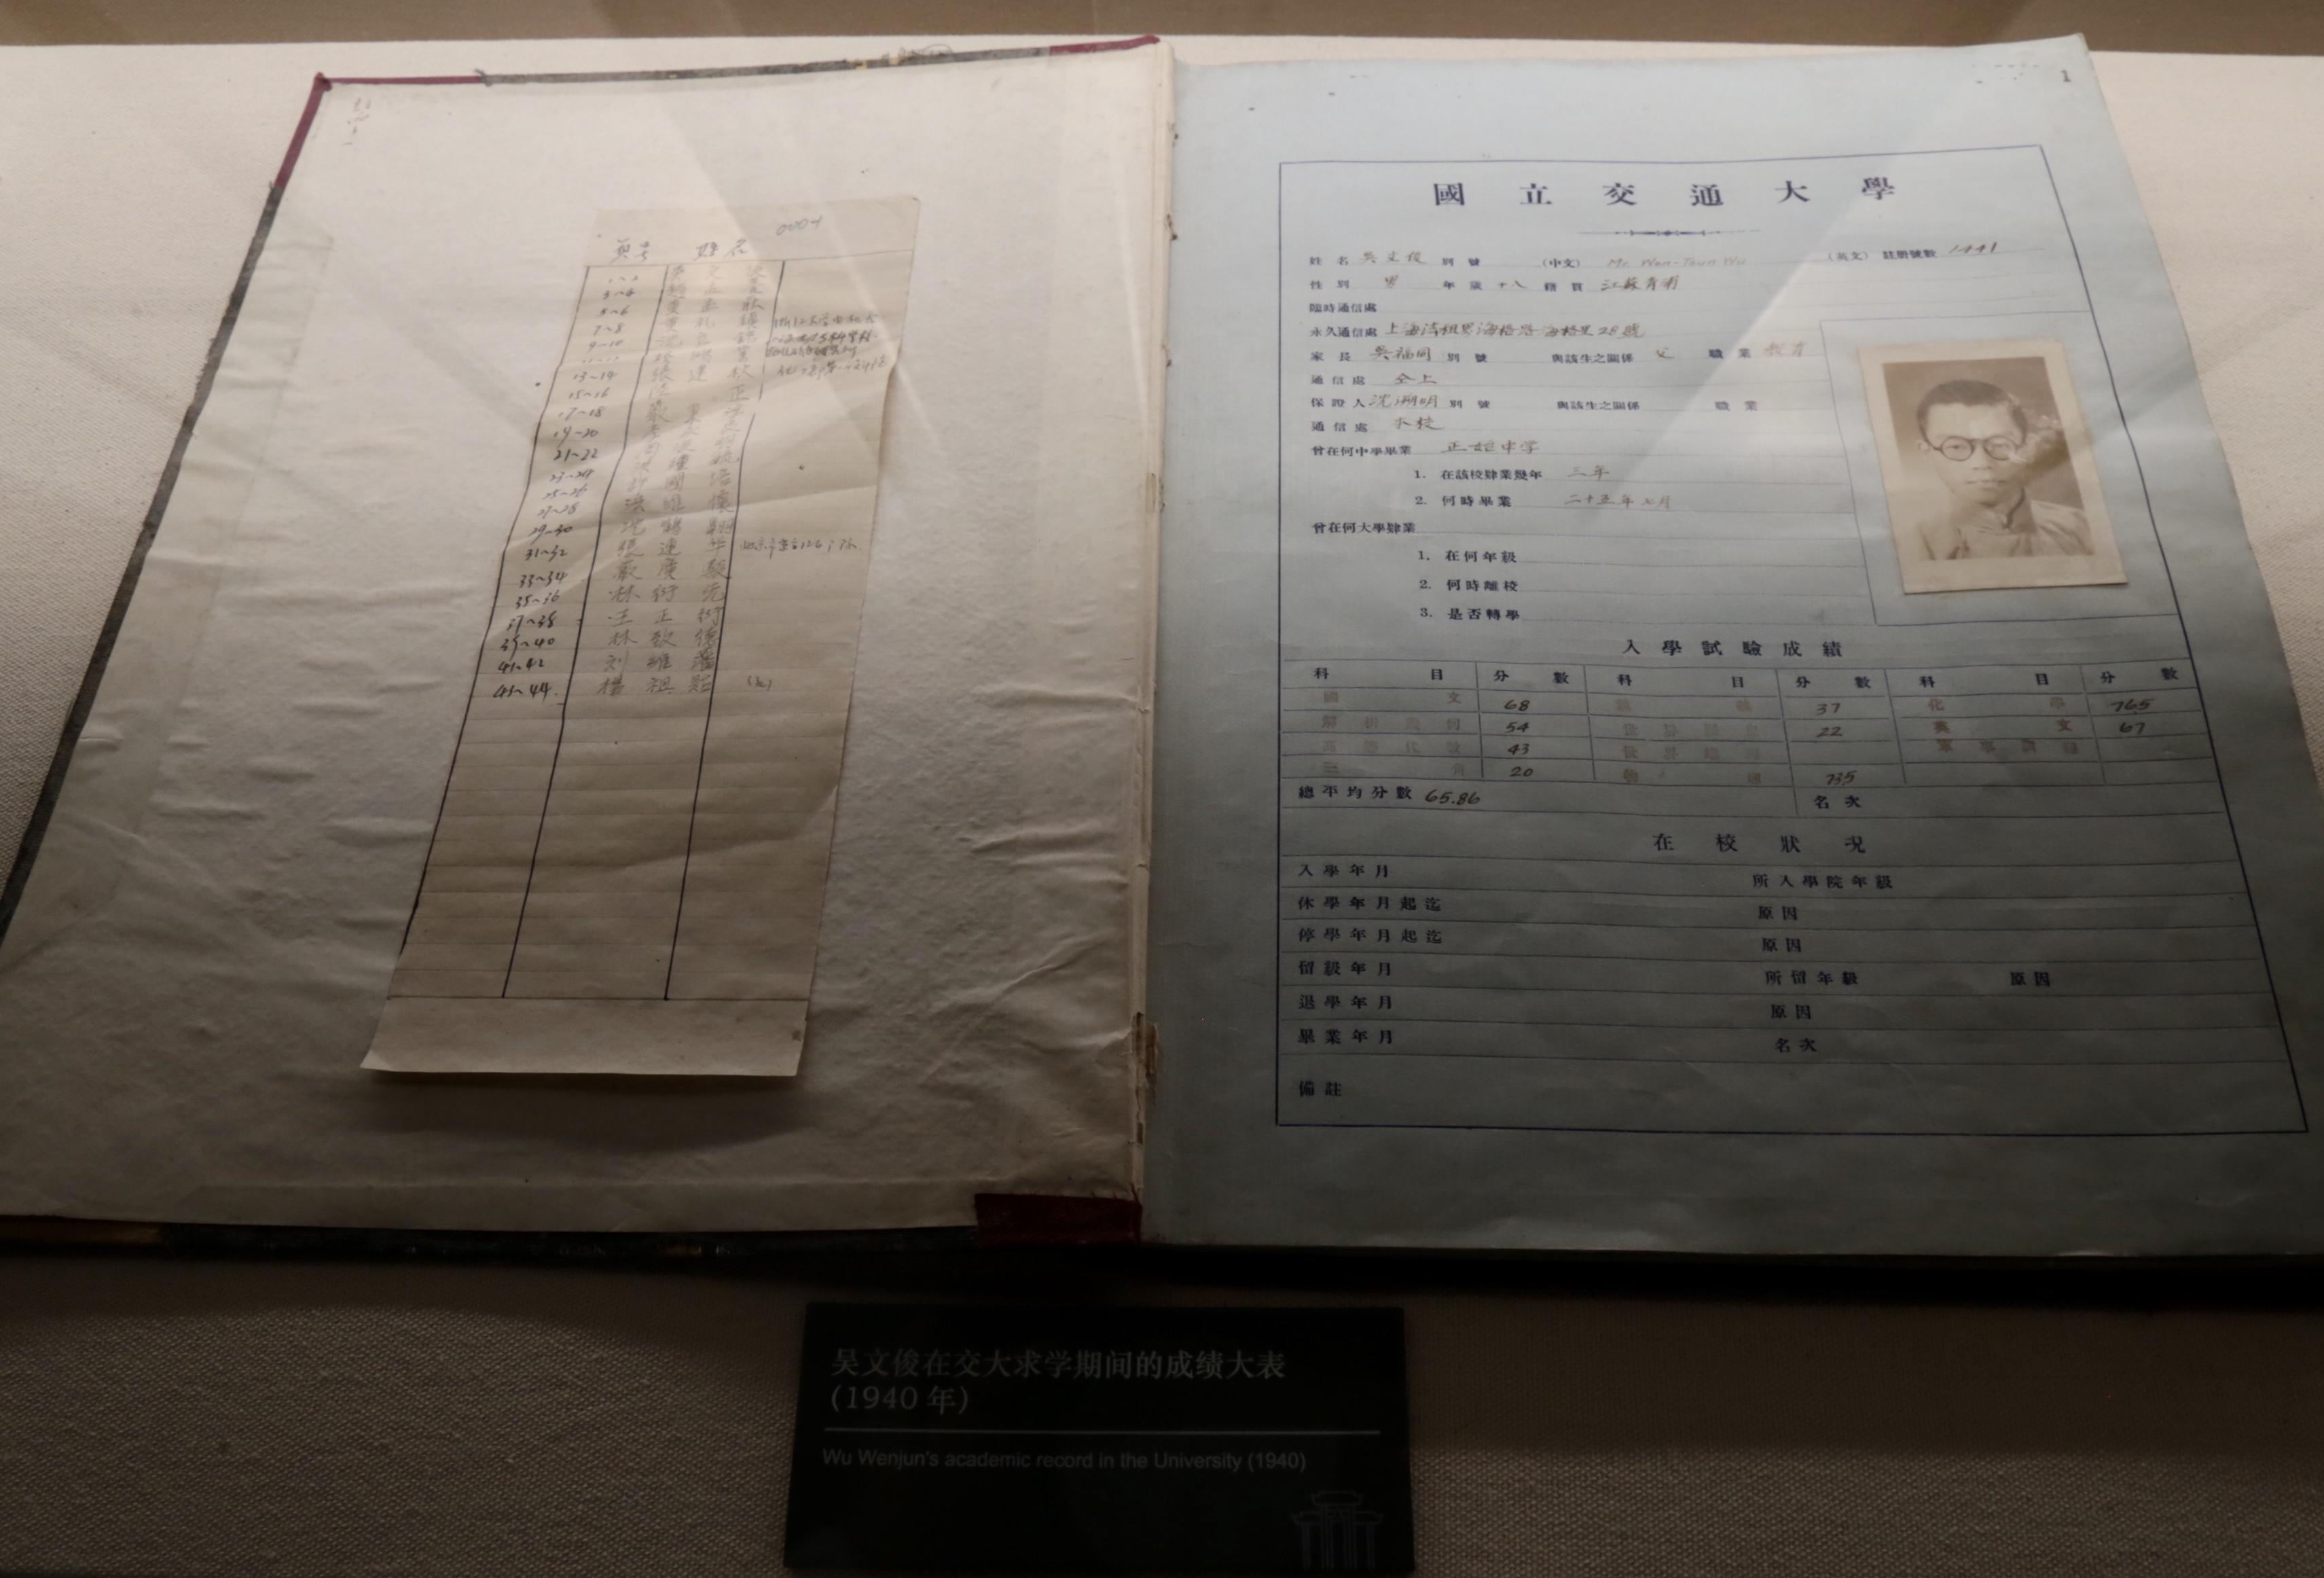 吴文俊院士的毕业生学籍档案